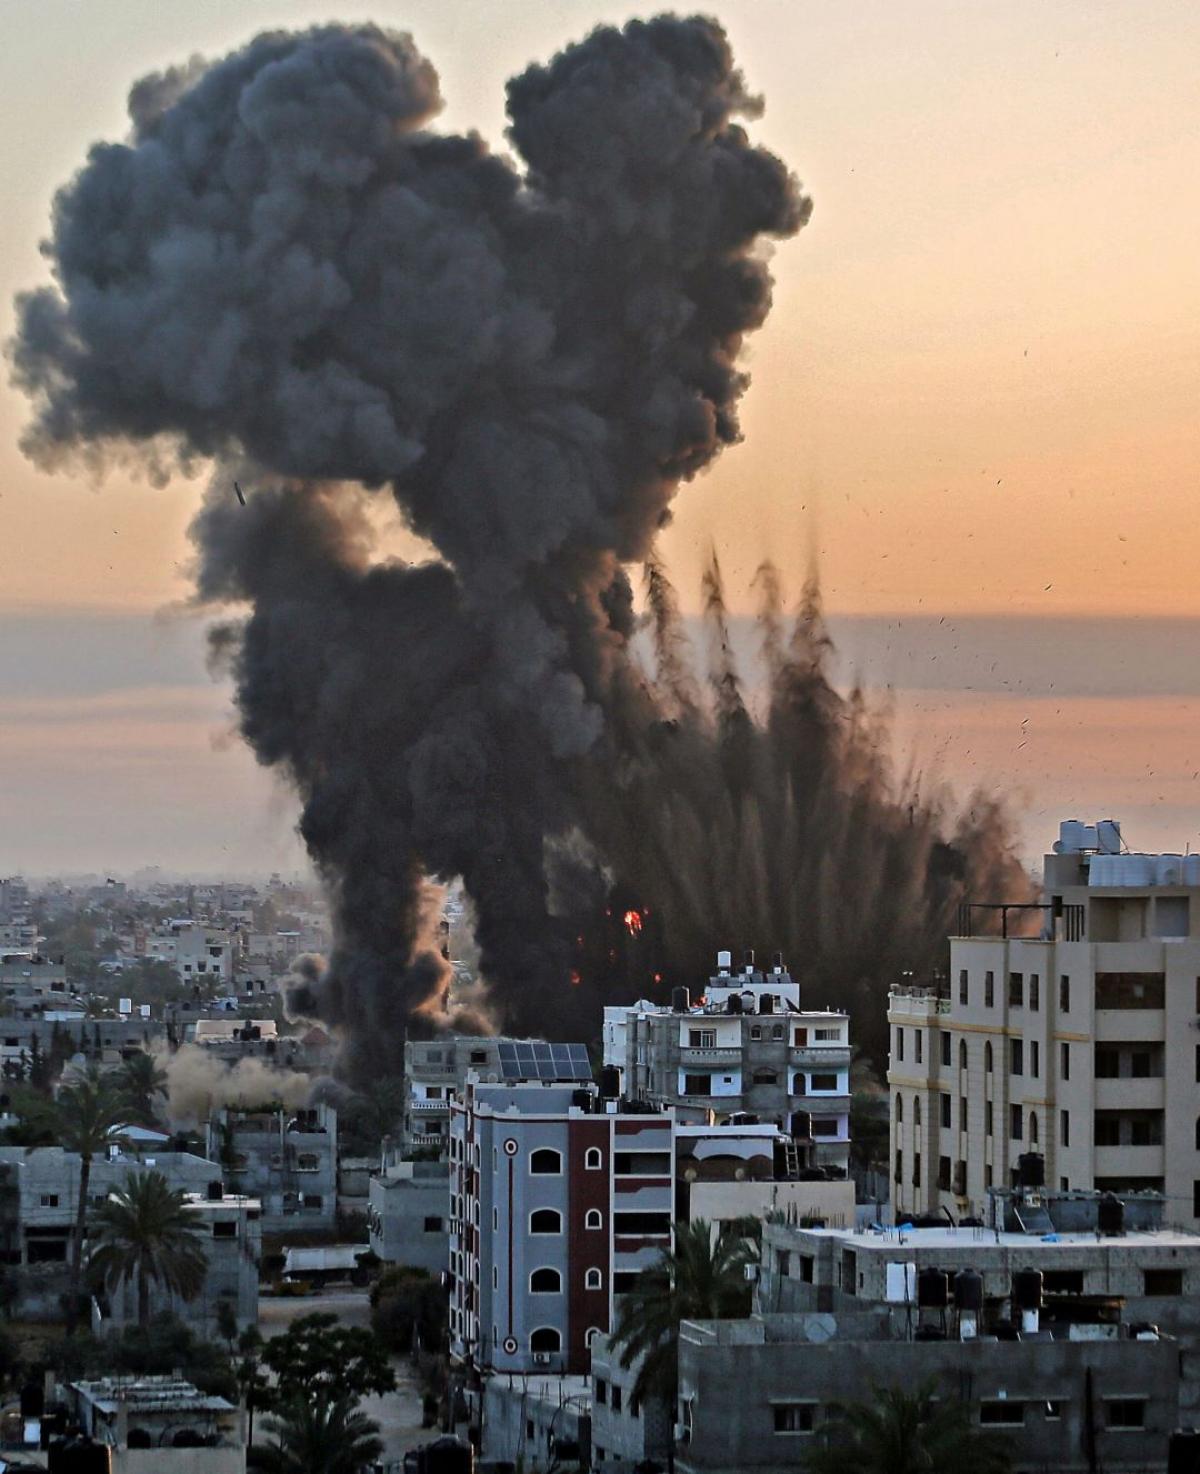 Chiến sự Israel-Palestine nóng: Khốc liệt và đẫm máu - Hình ảnh khủng khiếp từ hiện trường - Ảnh 5.